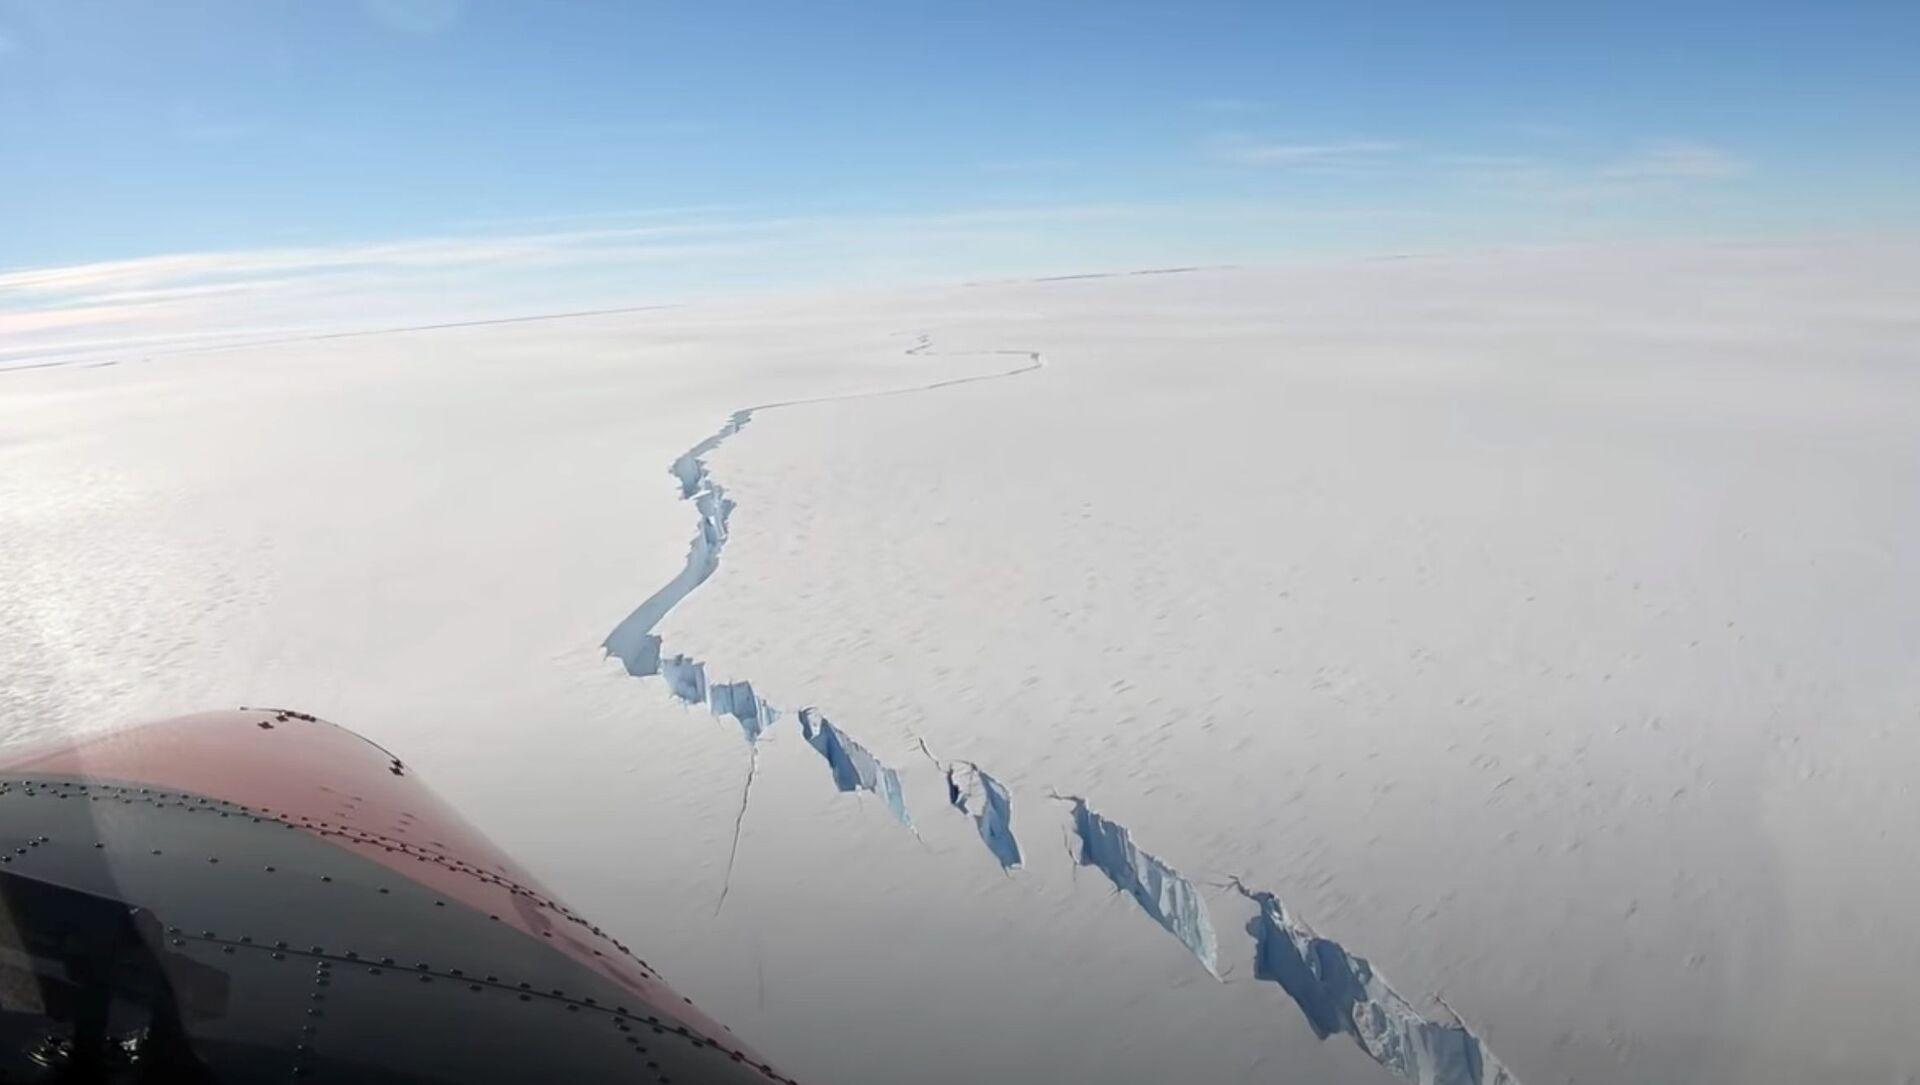 Un iceberg qui s'est détaché de la plateforme de glace de Brunt  - Sputnik France, 1920, 27.02.2021